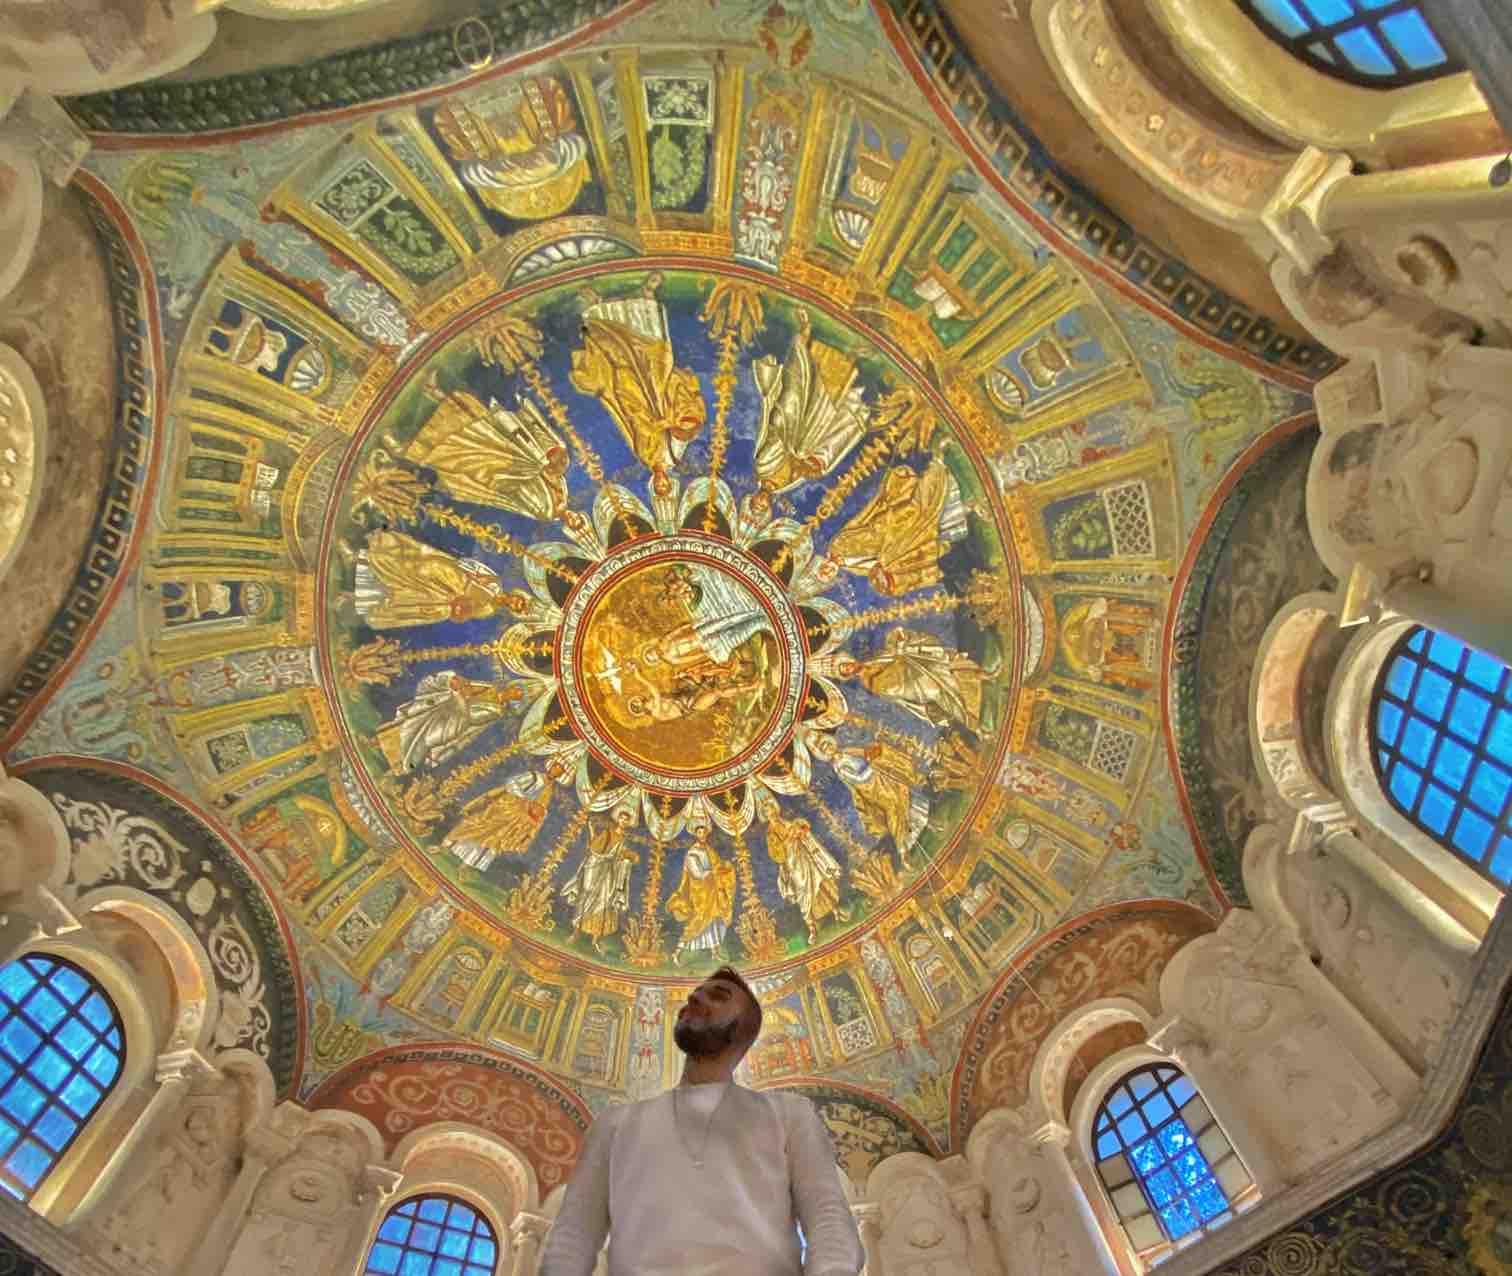 Ragazzo ammira la cupola del battistero dei neoniani ortodossi a Ravenna da vedere in un viaggio di due giorni o weekend a Ravenna